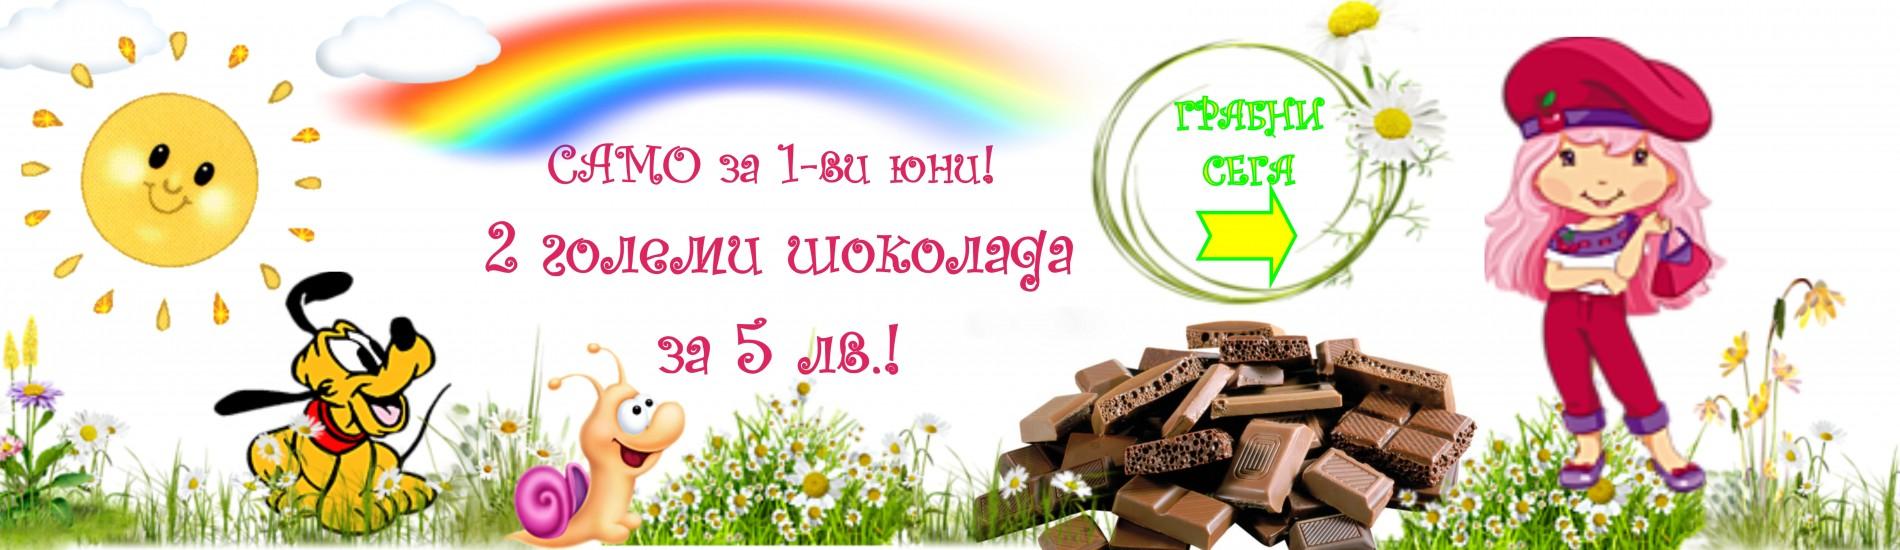 СЛАЙДЕР 1 ЮНИ 2 големи шоколада